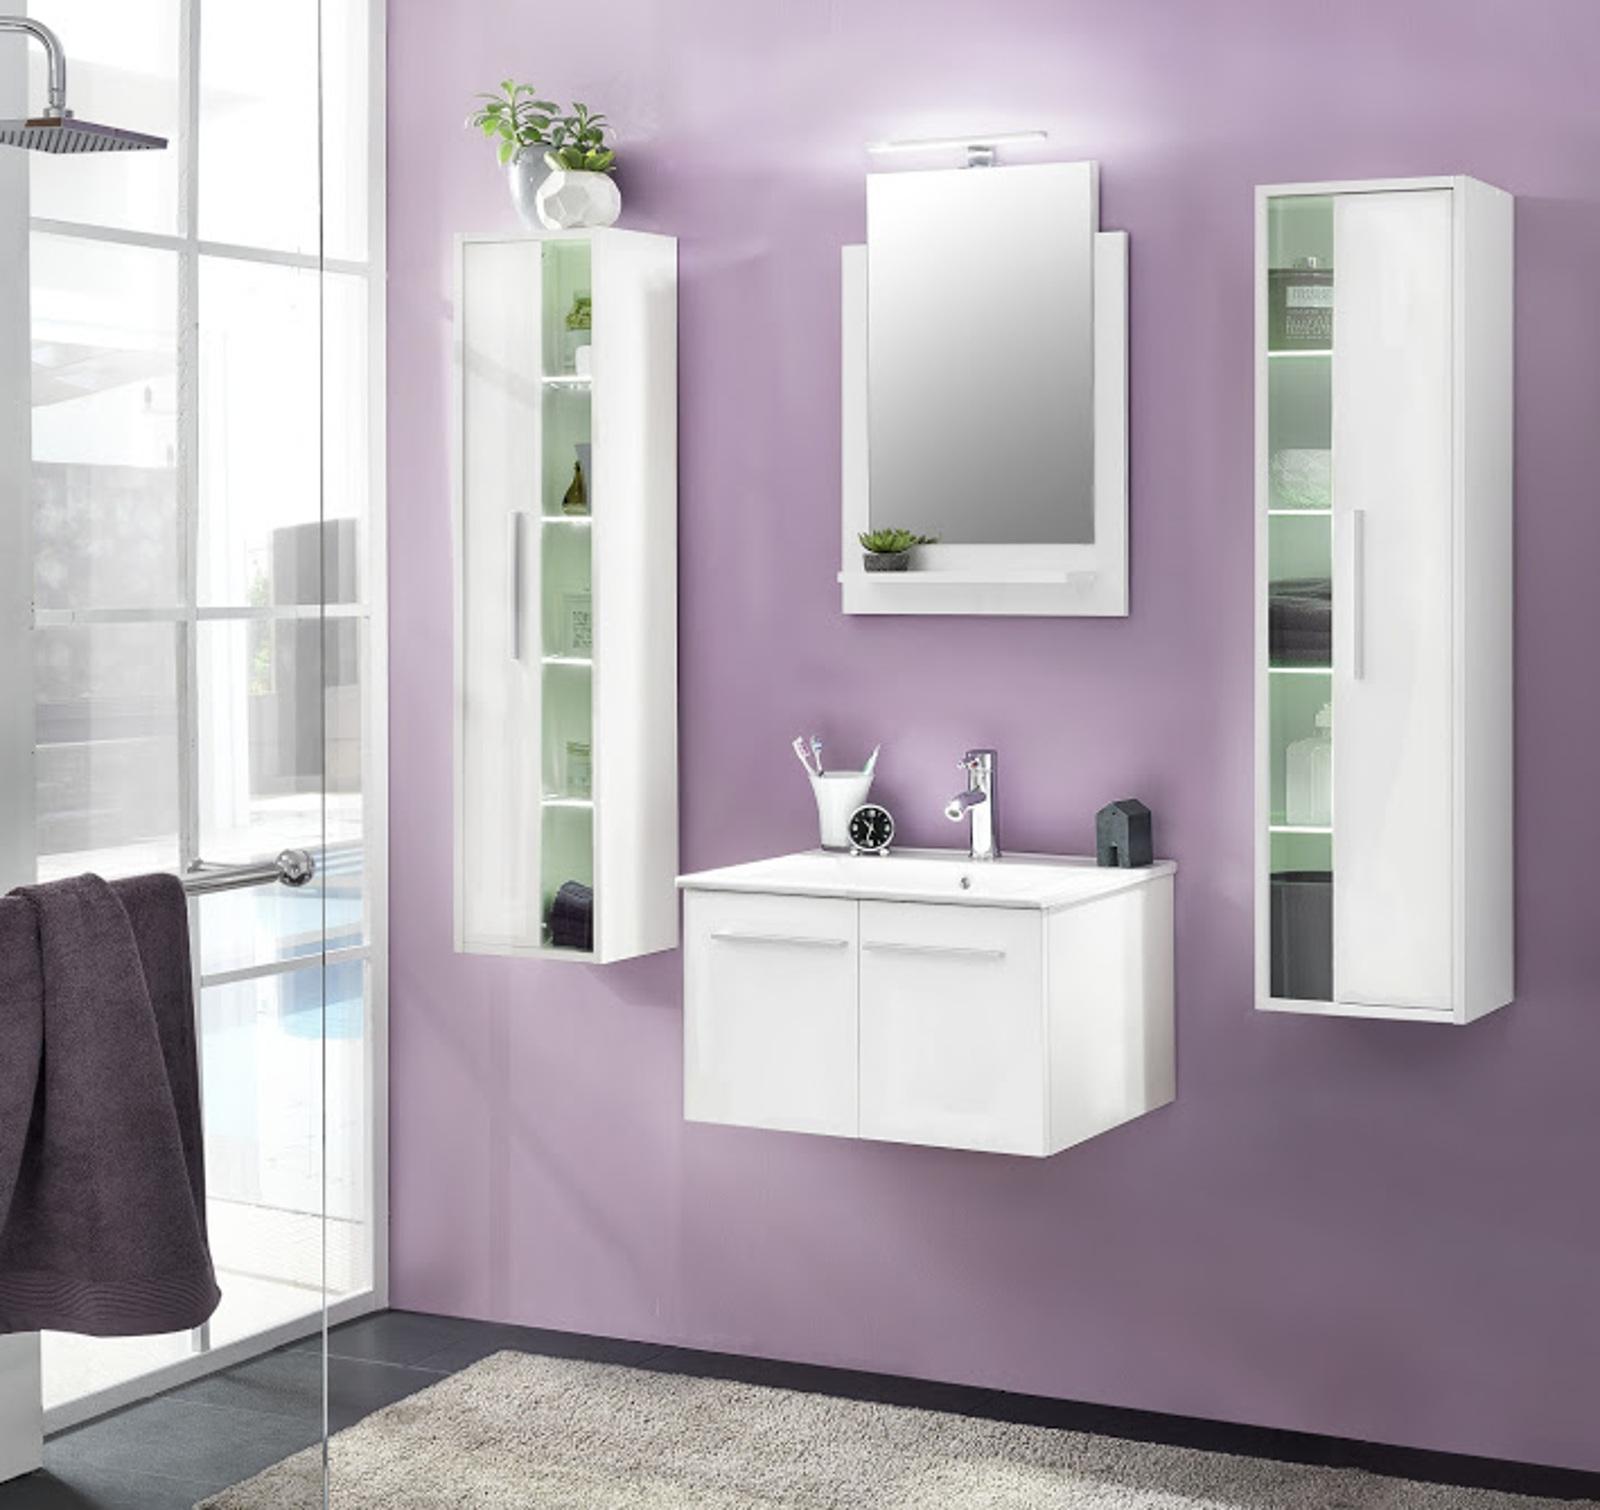 badm bel ttb3 wei glanz g nstig online kaufen. Black Bedroom Furniture Sets. Home Design Ideas